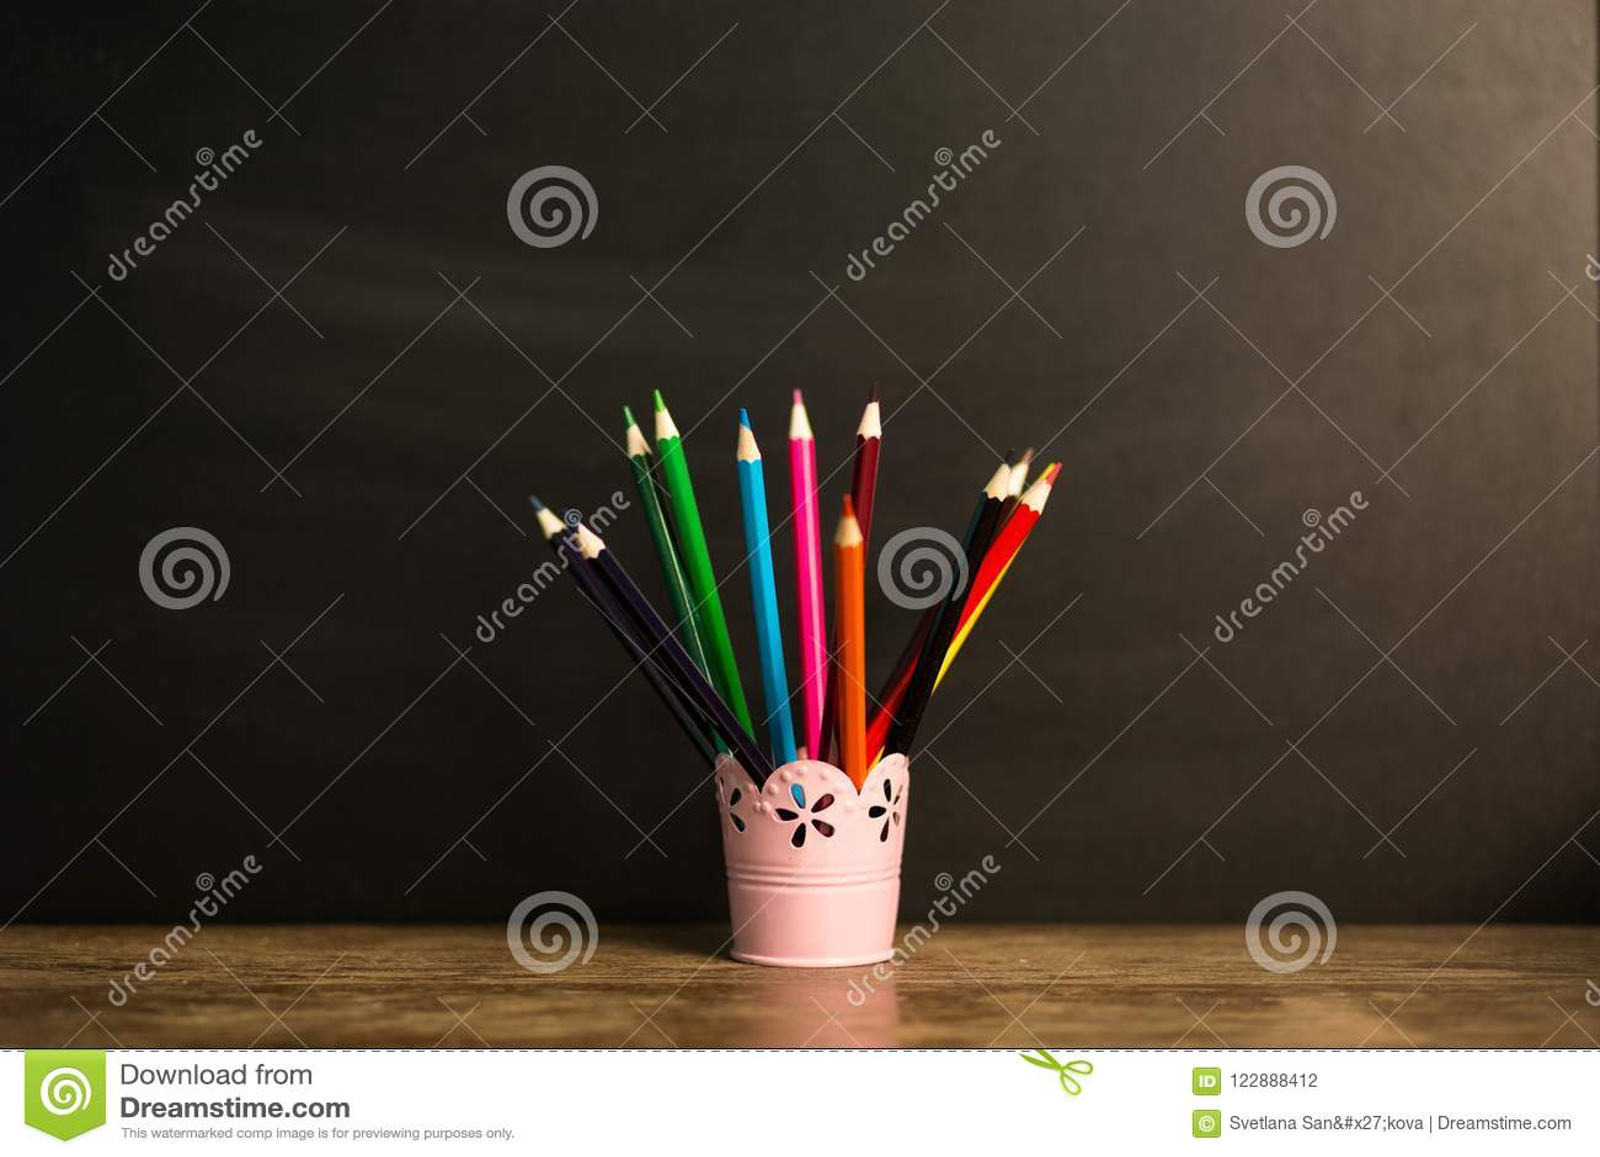 Много пестротканых карандашей в стекле на деревянном столе с черной предпосылкой задняя школа принципиальной схемы к